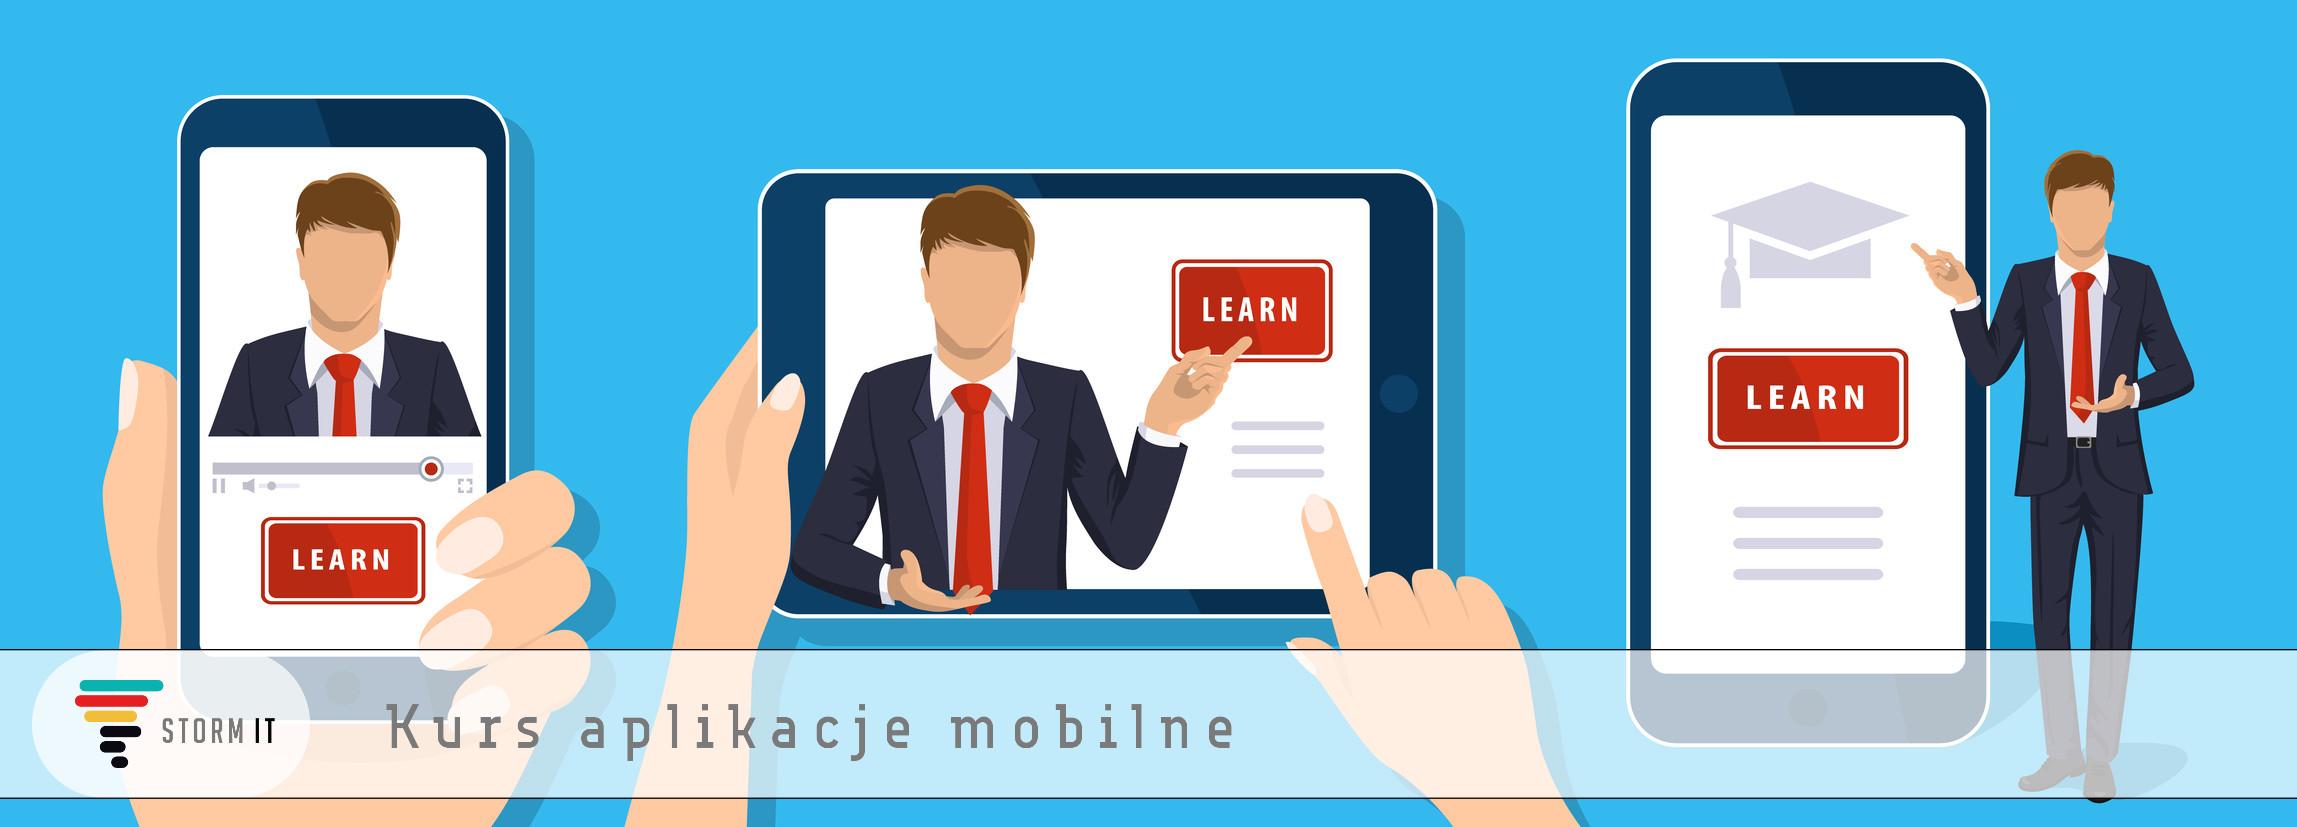 Kurs aplikacje mobilne